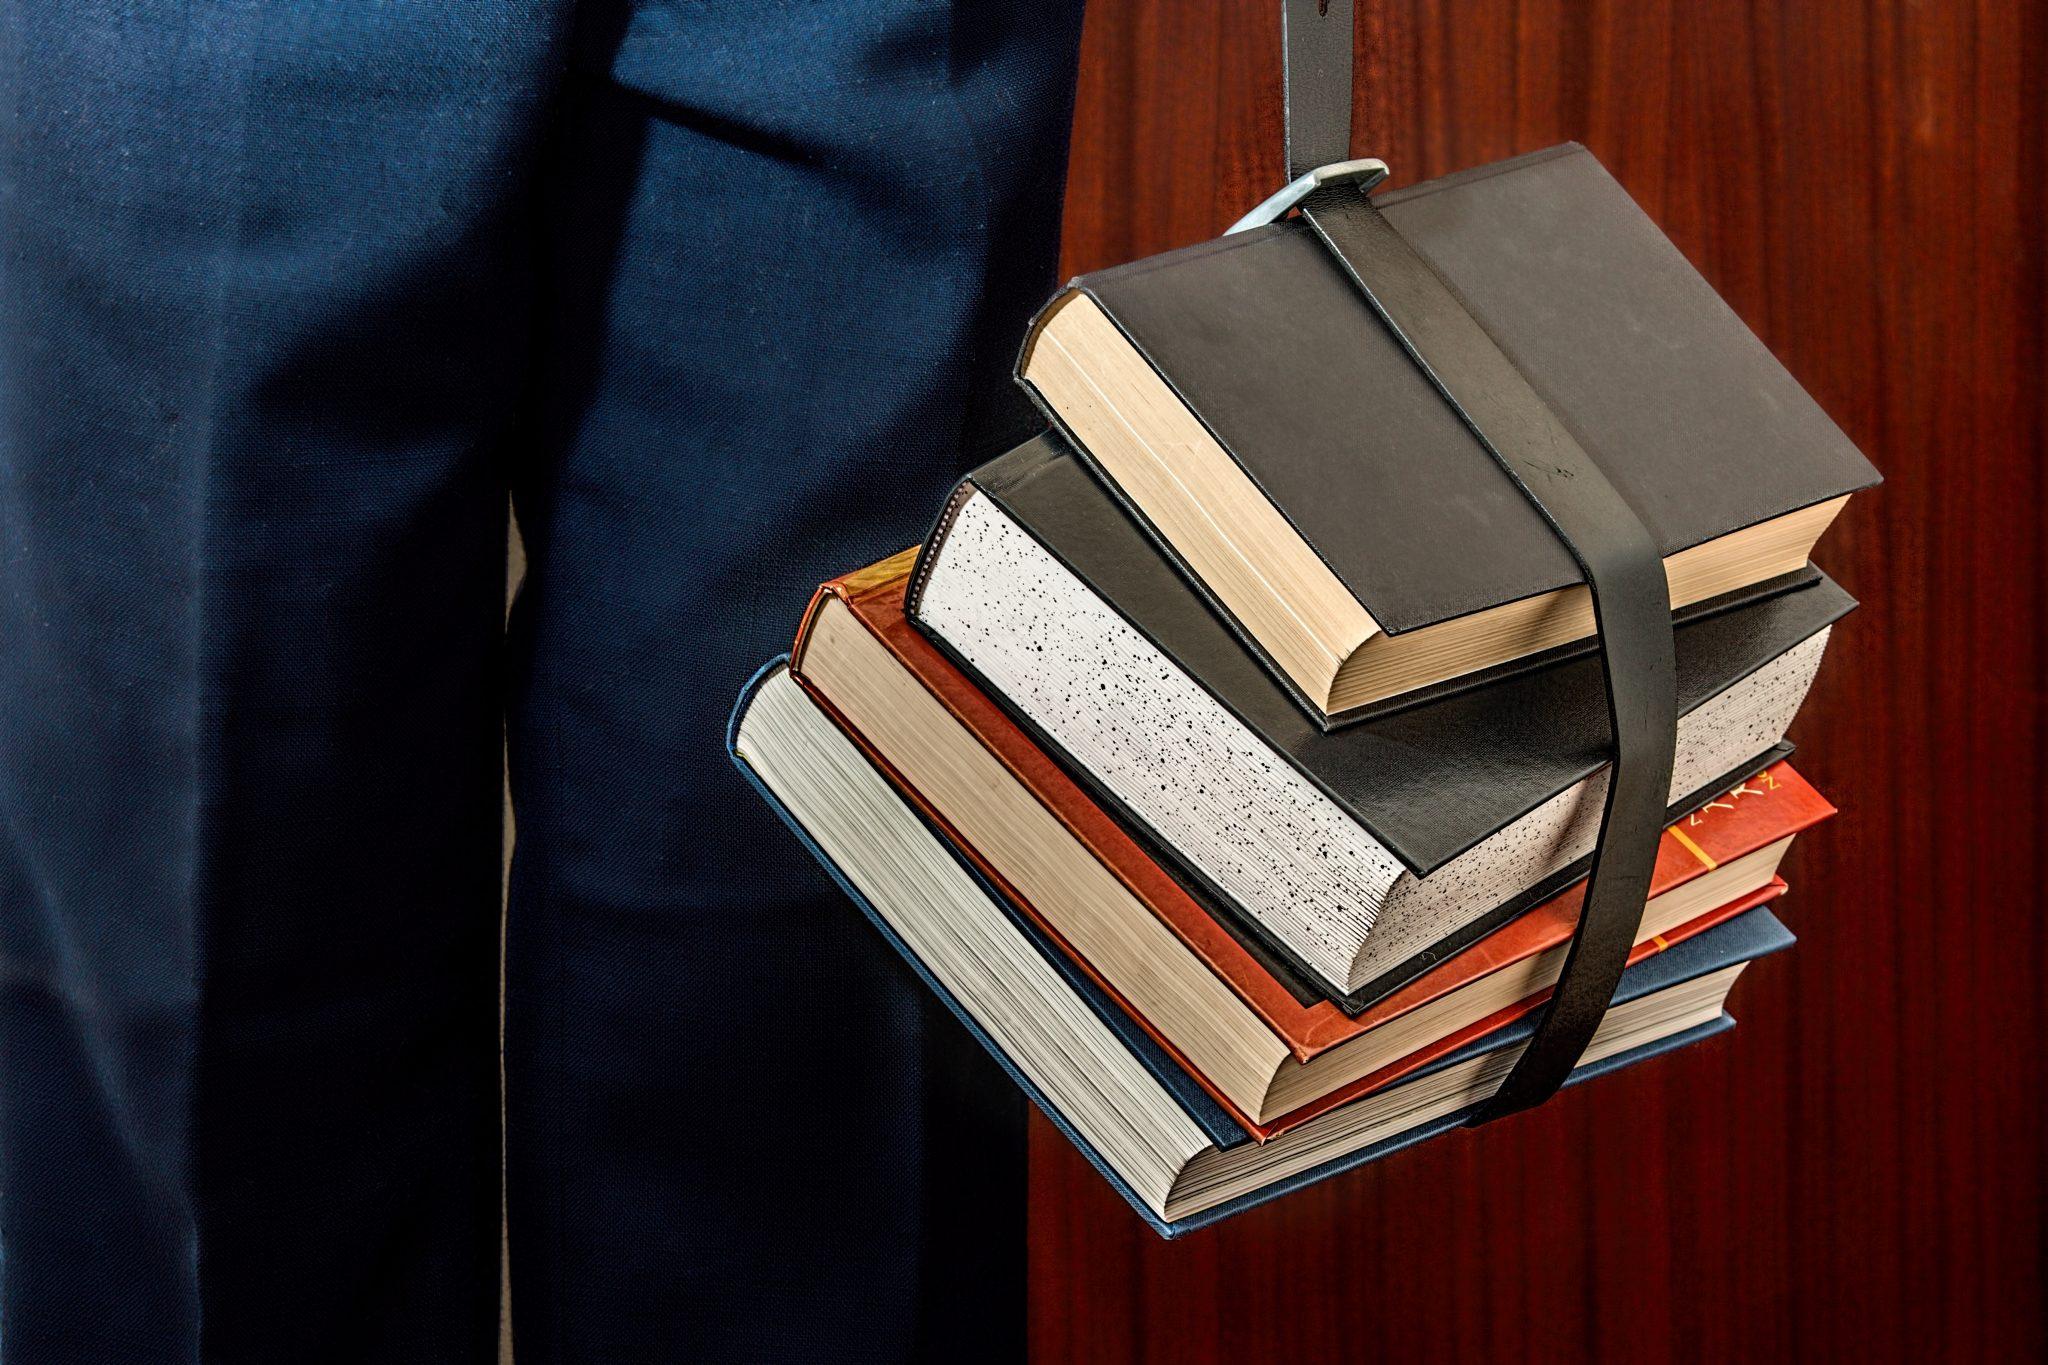 Une pile de livres